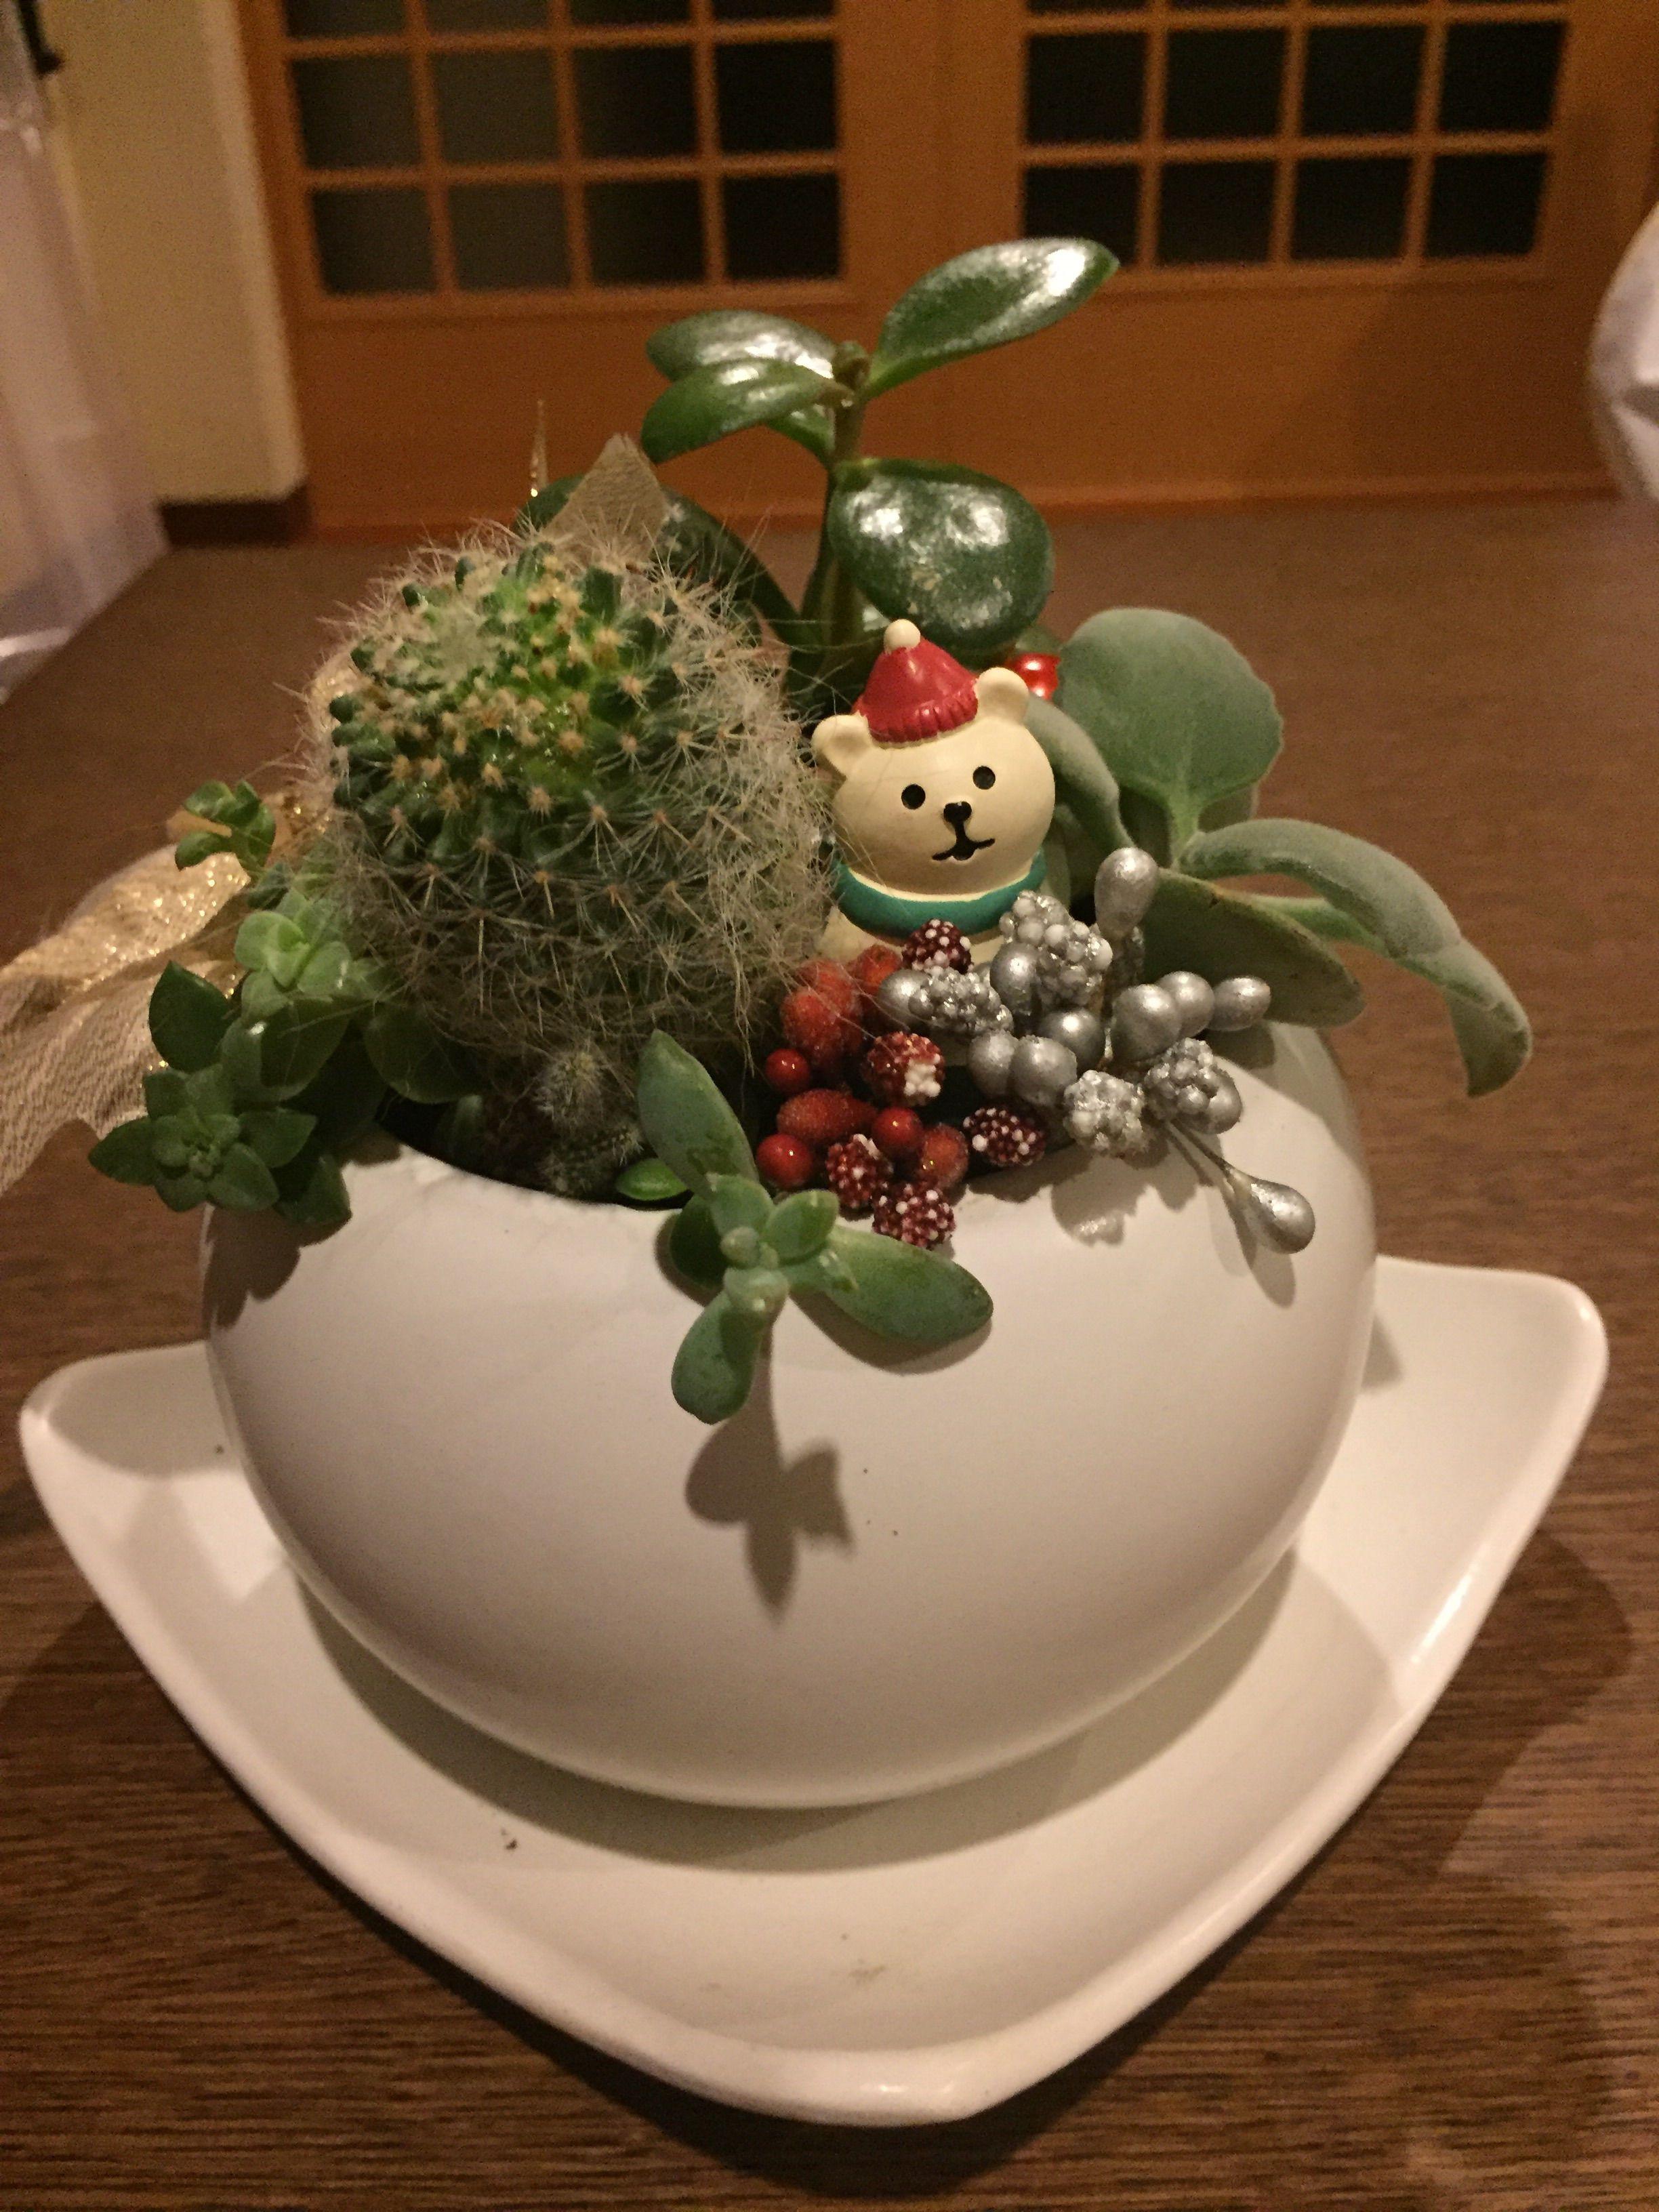 サボテンと多肉の寄せ植え?クリスマスバージョン☆